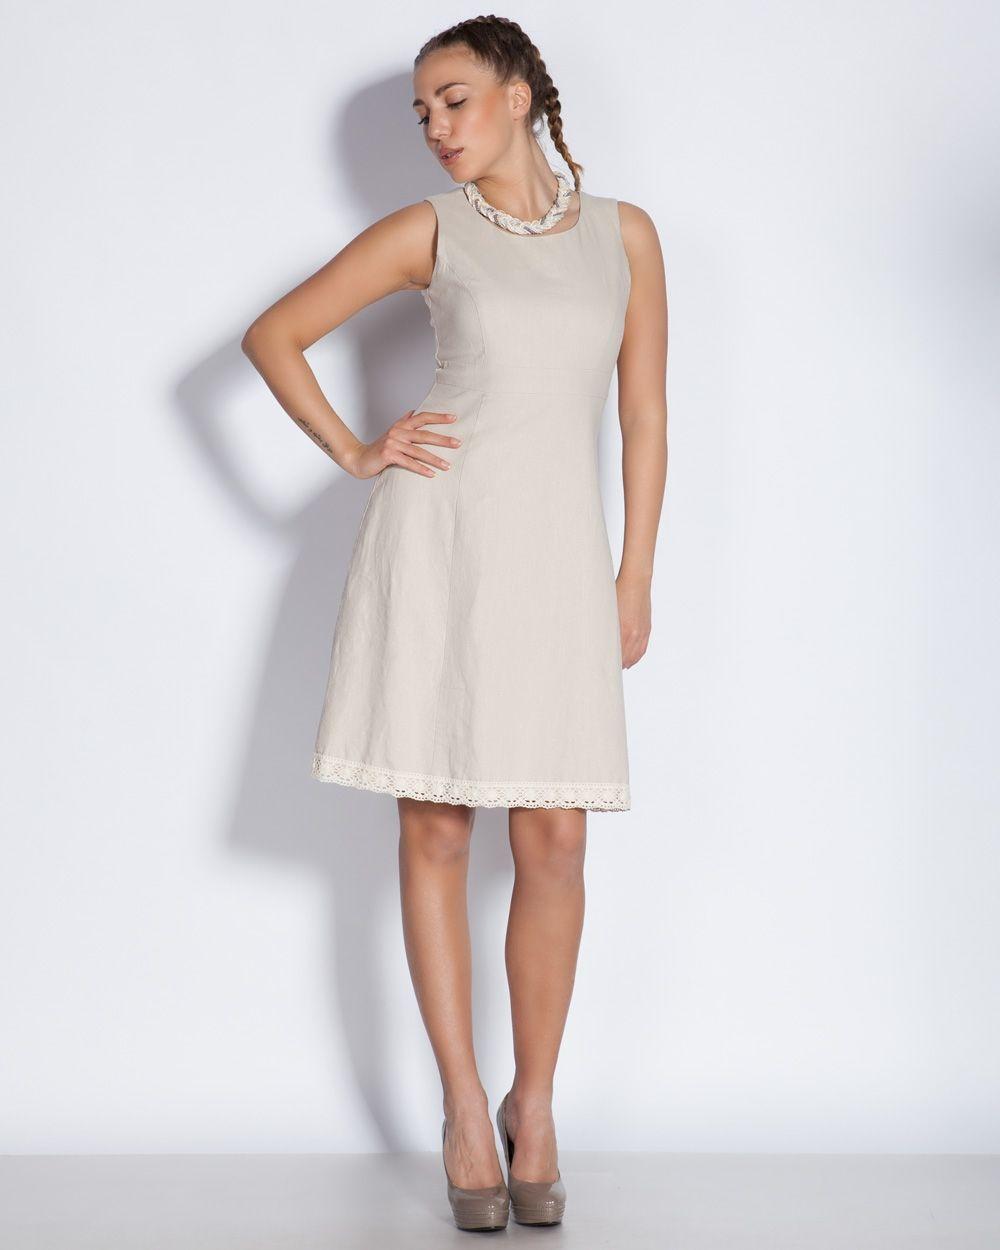 5869b490bfe Дамска рокля в бежово с плетена дантела - Beny #Ефреа #online #онлайн  #пазаруване #дрехи #рокля #къса #бежова #дантела